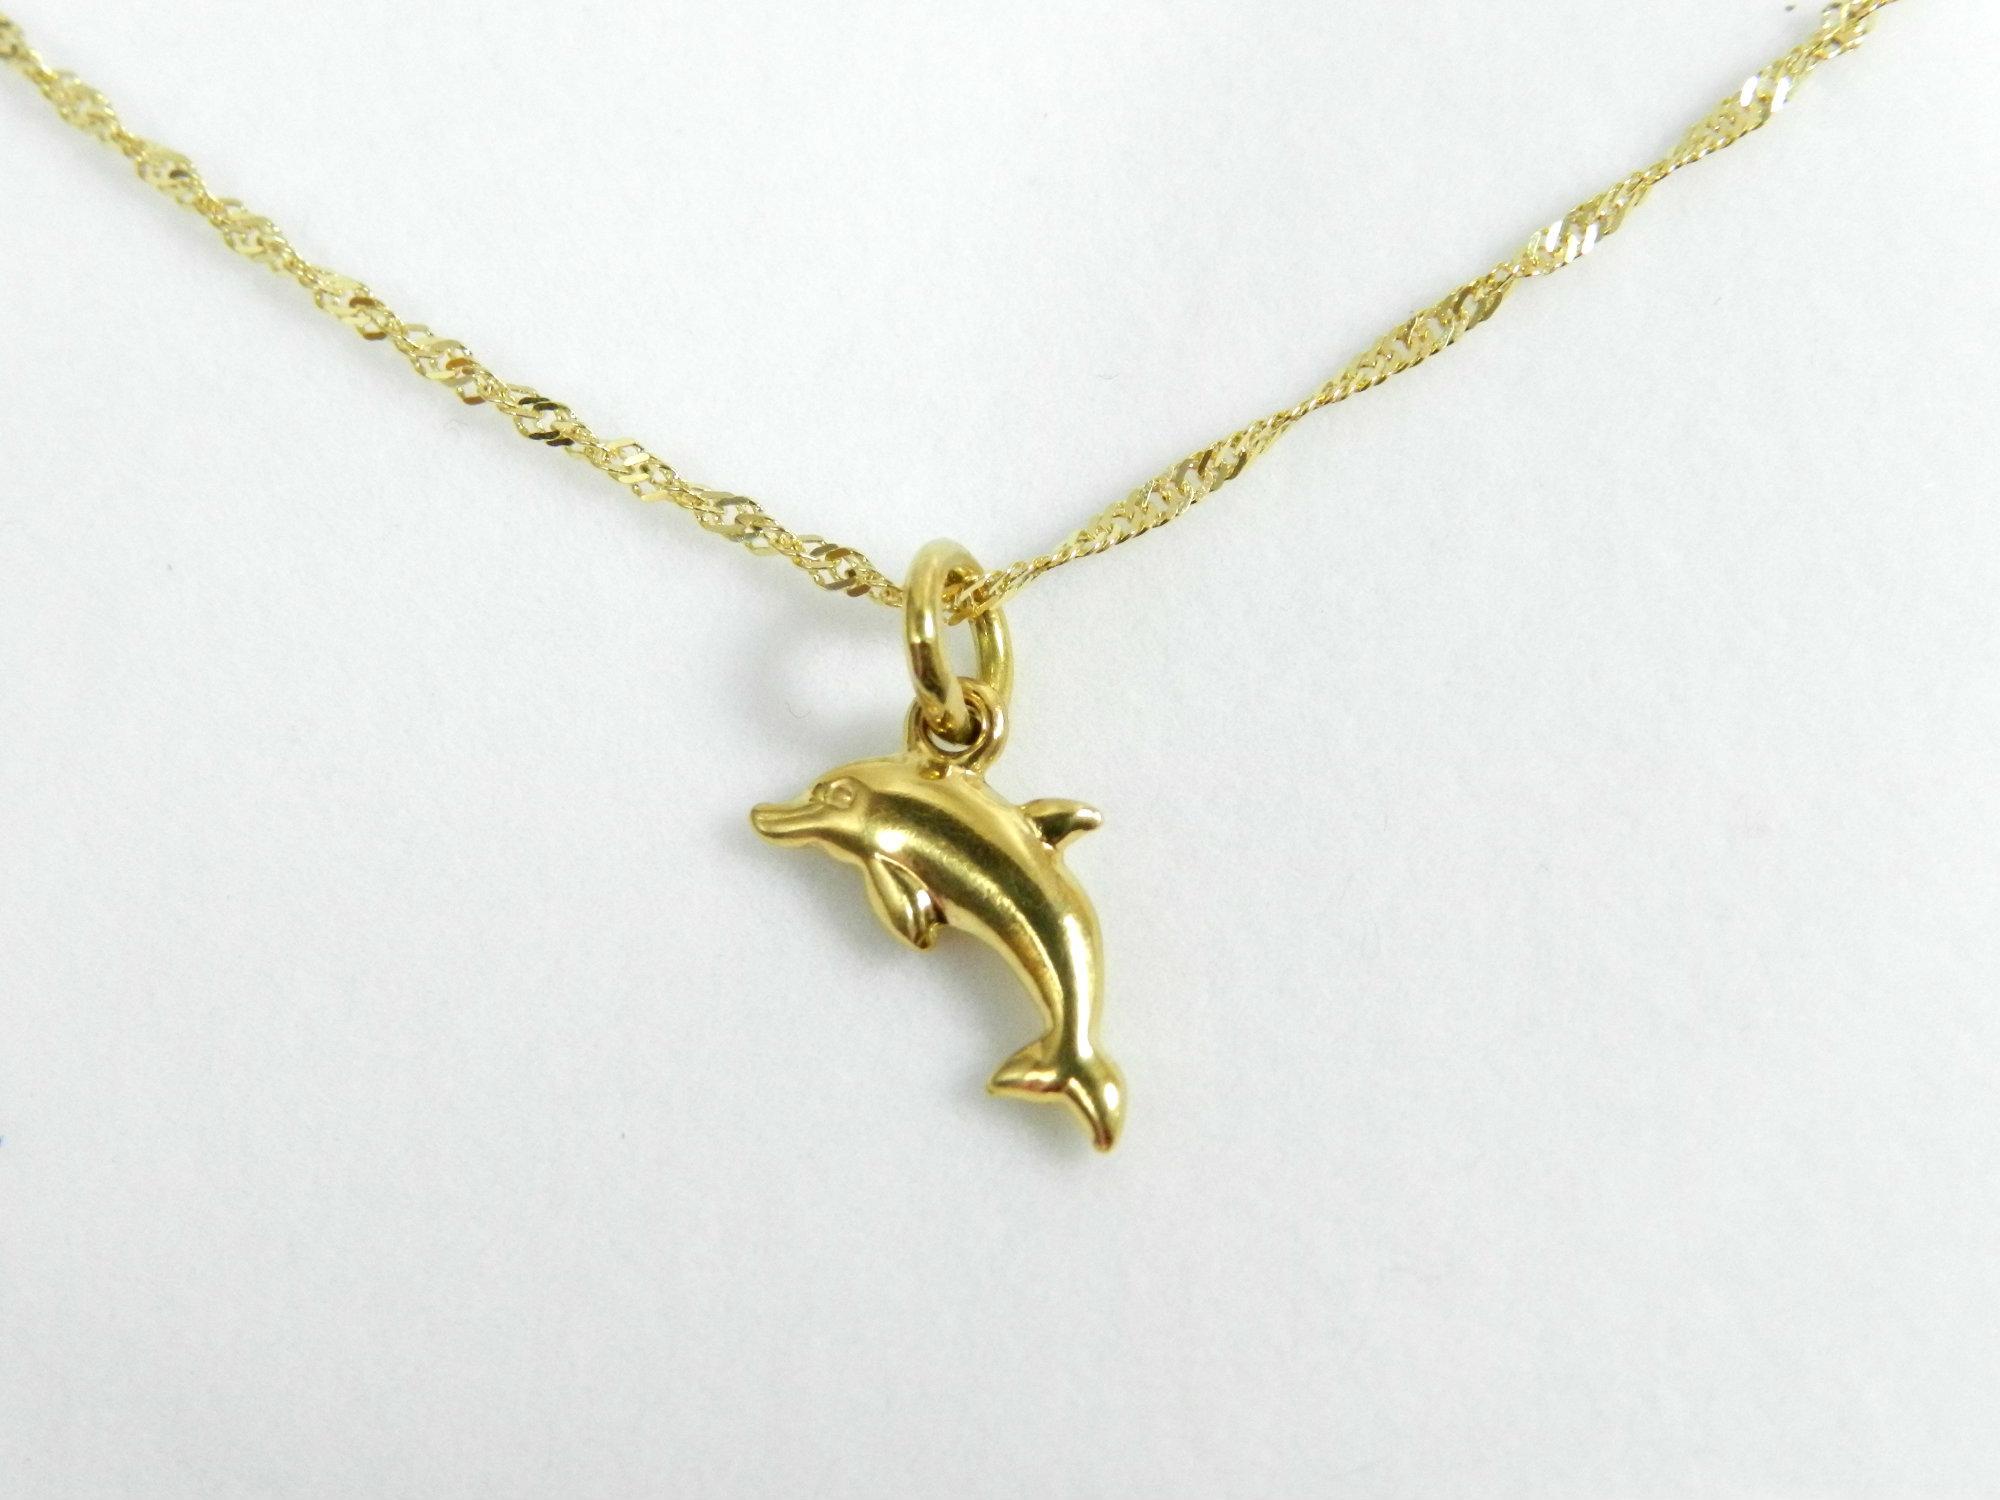 nuevo estilo 9c05f 983db Colgante oro Delfín 406 - Servan Joyeria Online